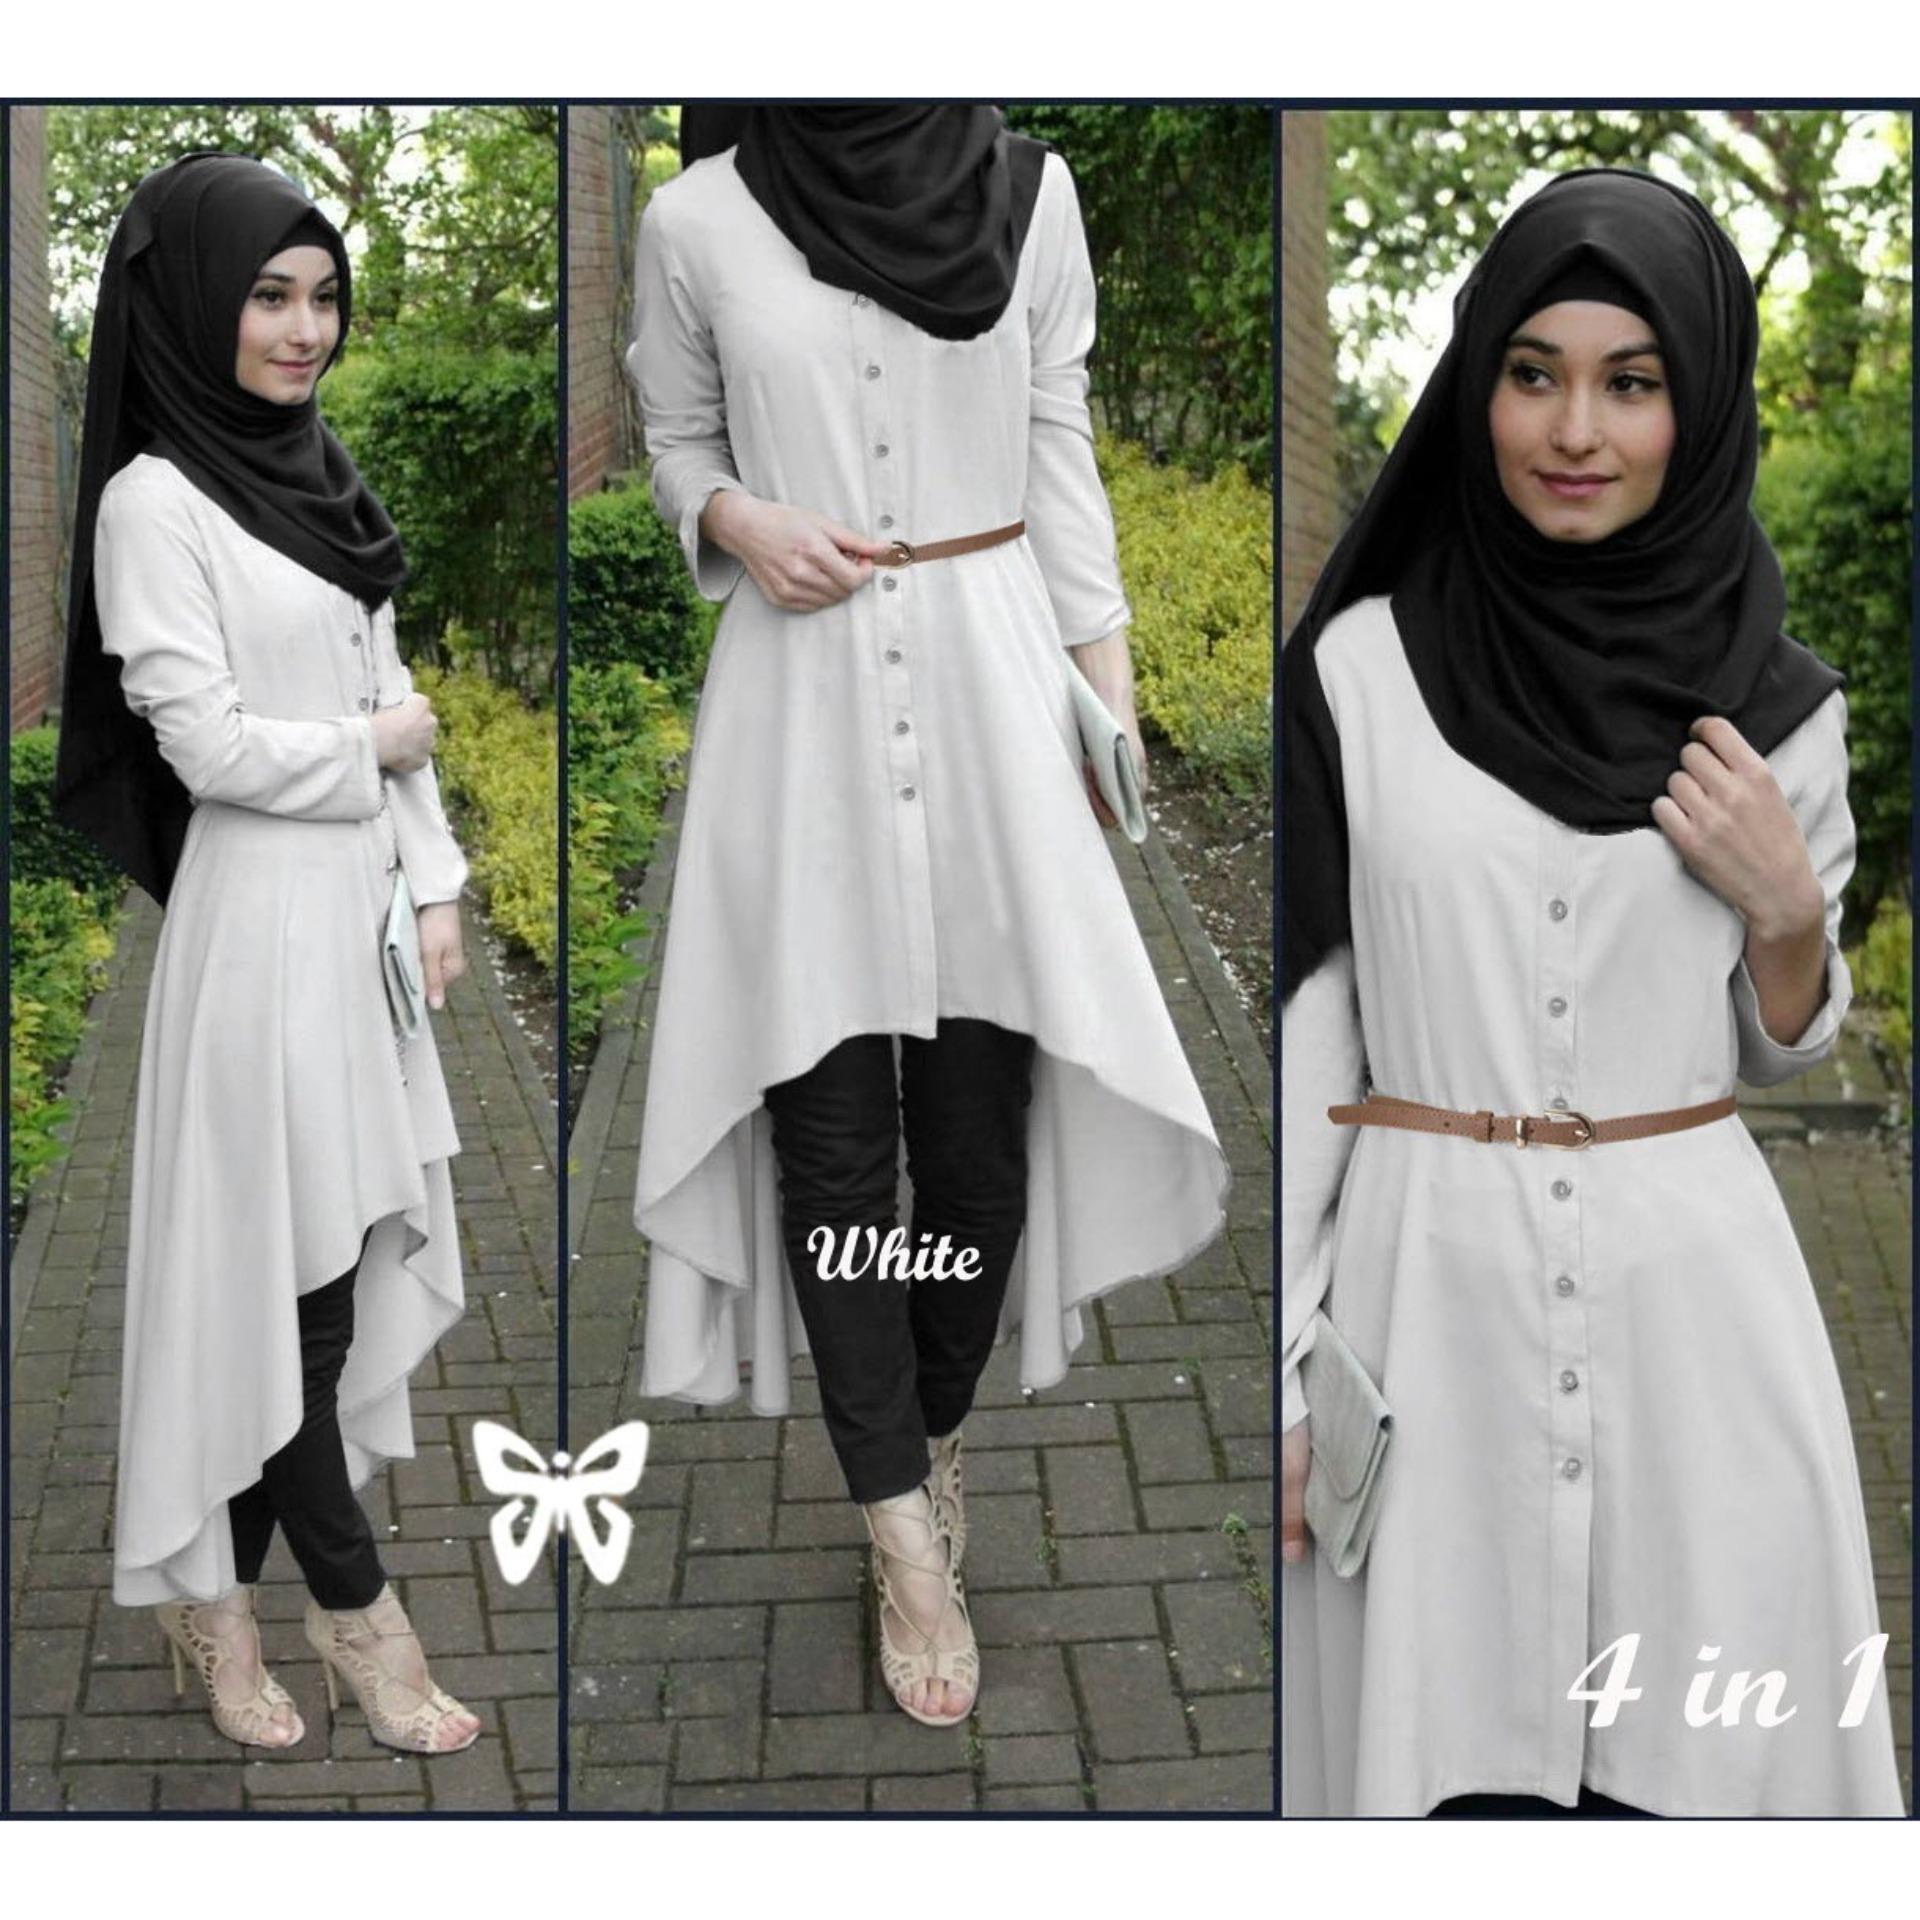 Flavia Store Baju Muslim Wanita Set 4 in 1 FS0689 - PUTIH / Setelan Muslimah /